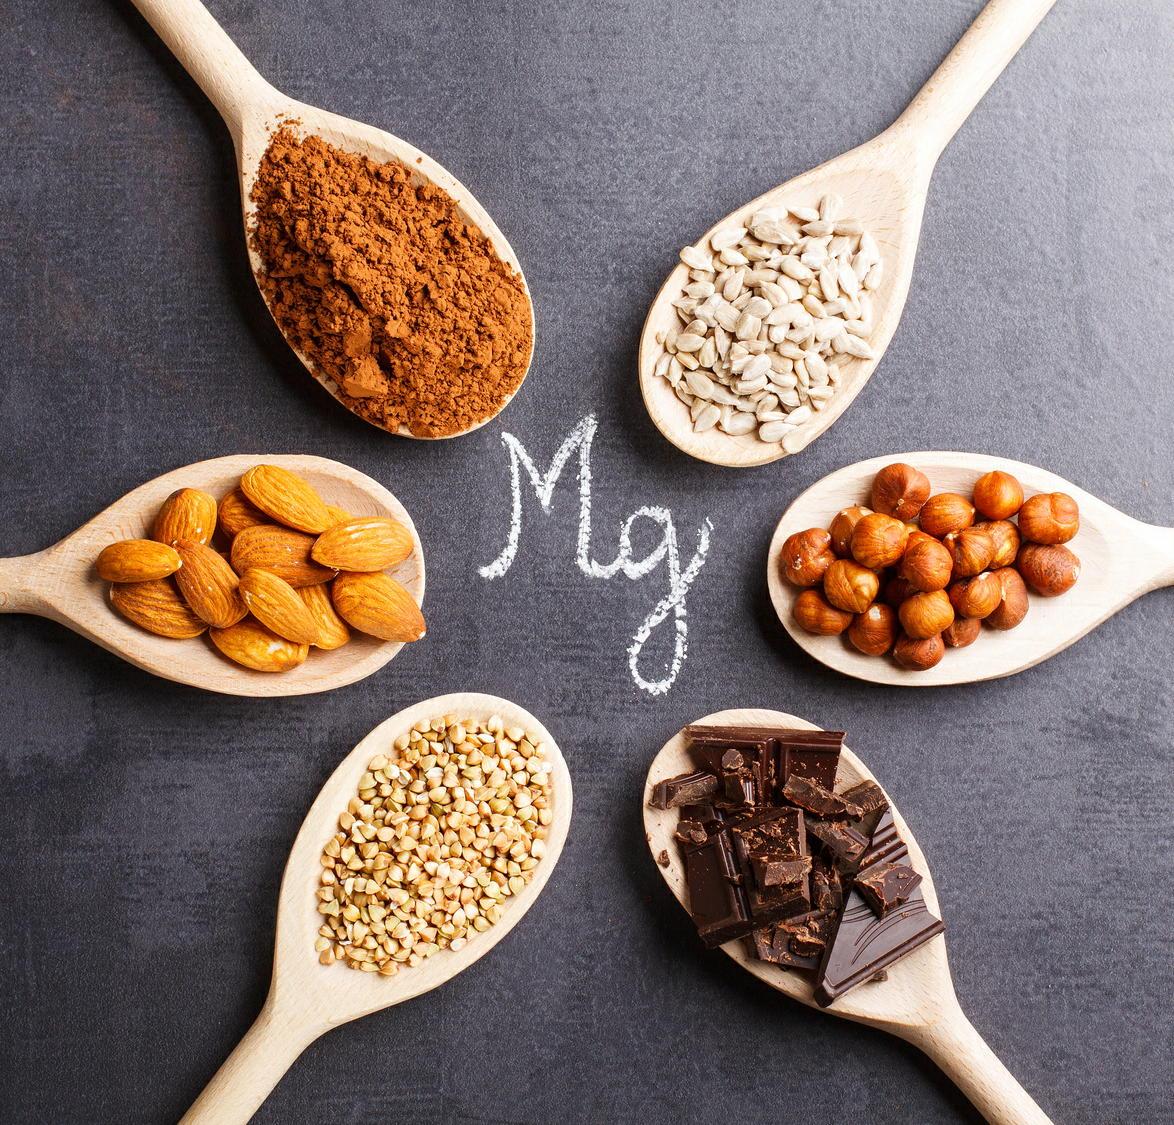 マグネシウムは不足しがち 血圧を改善し体内時計の調整にも役立つ